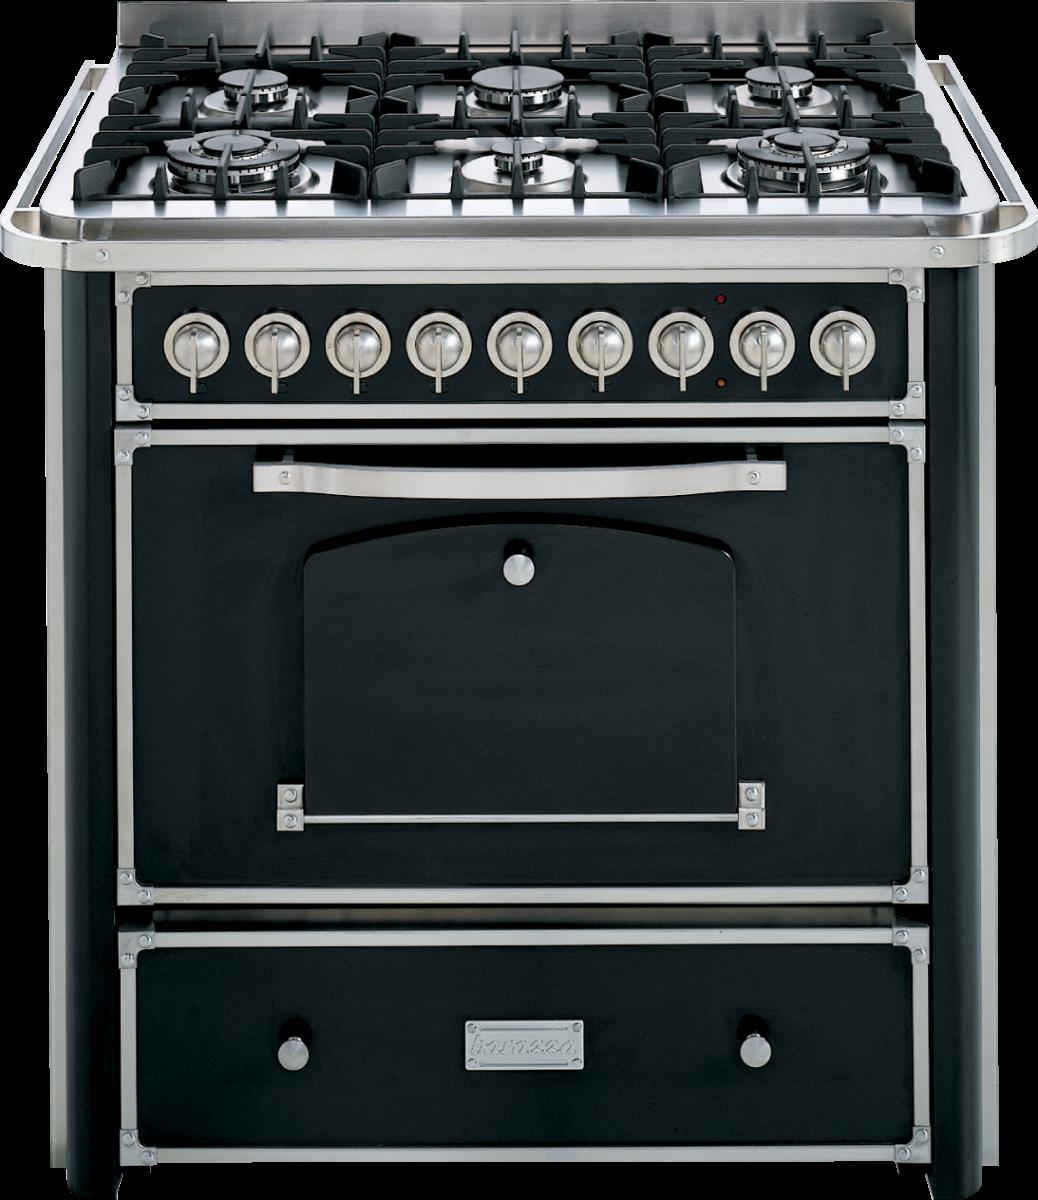 Cucina da 90 con piano cottura 4 gas e 2 tripla corona con maniglione barazza srl - Cucina a gas da 90 ...